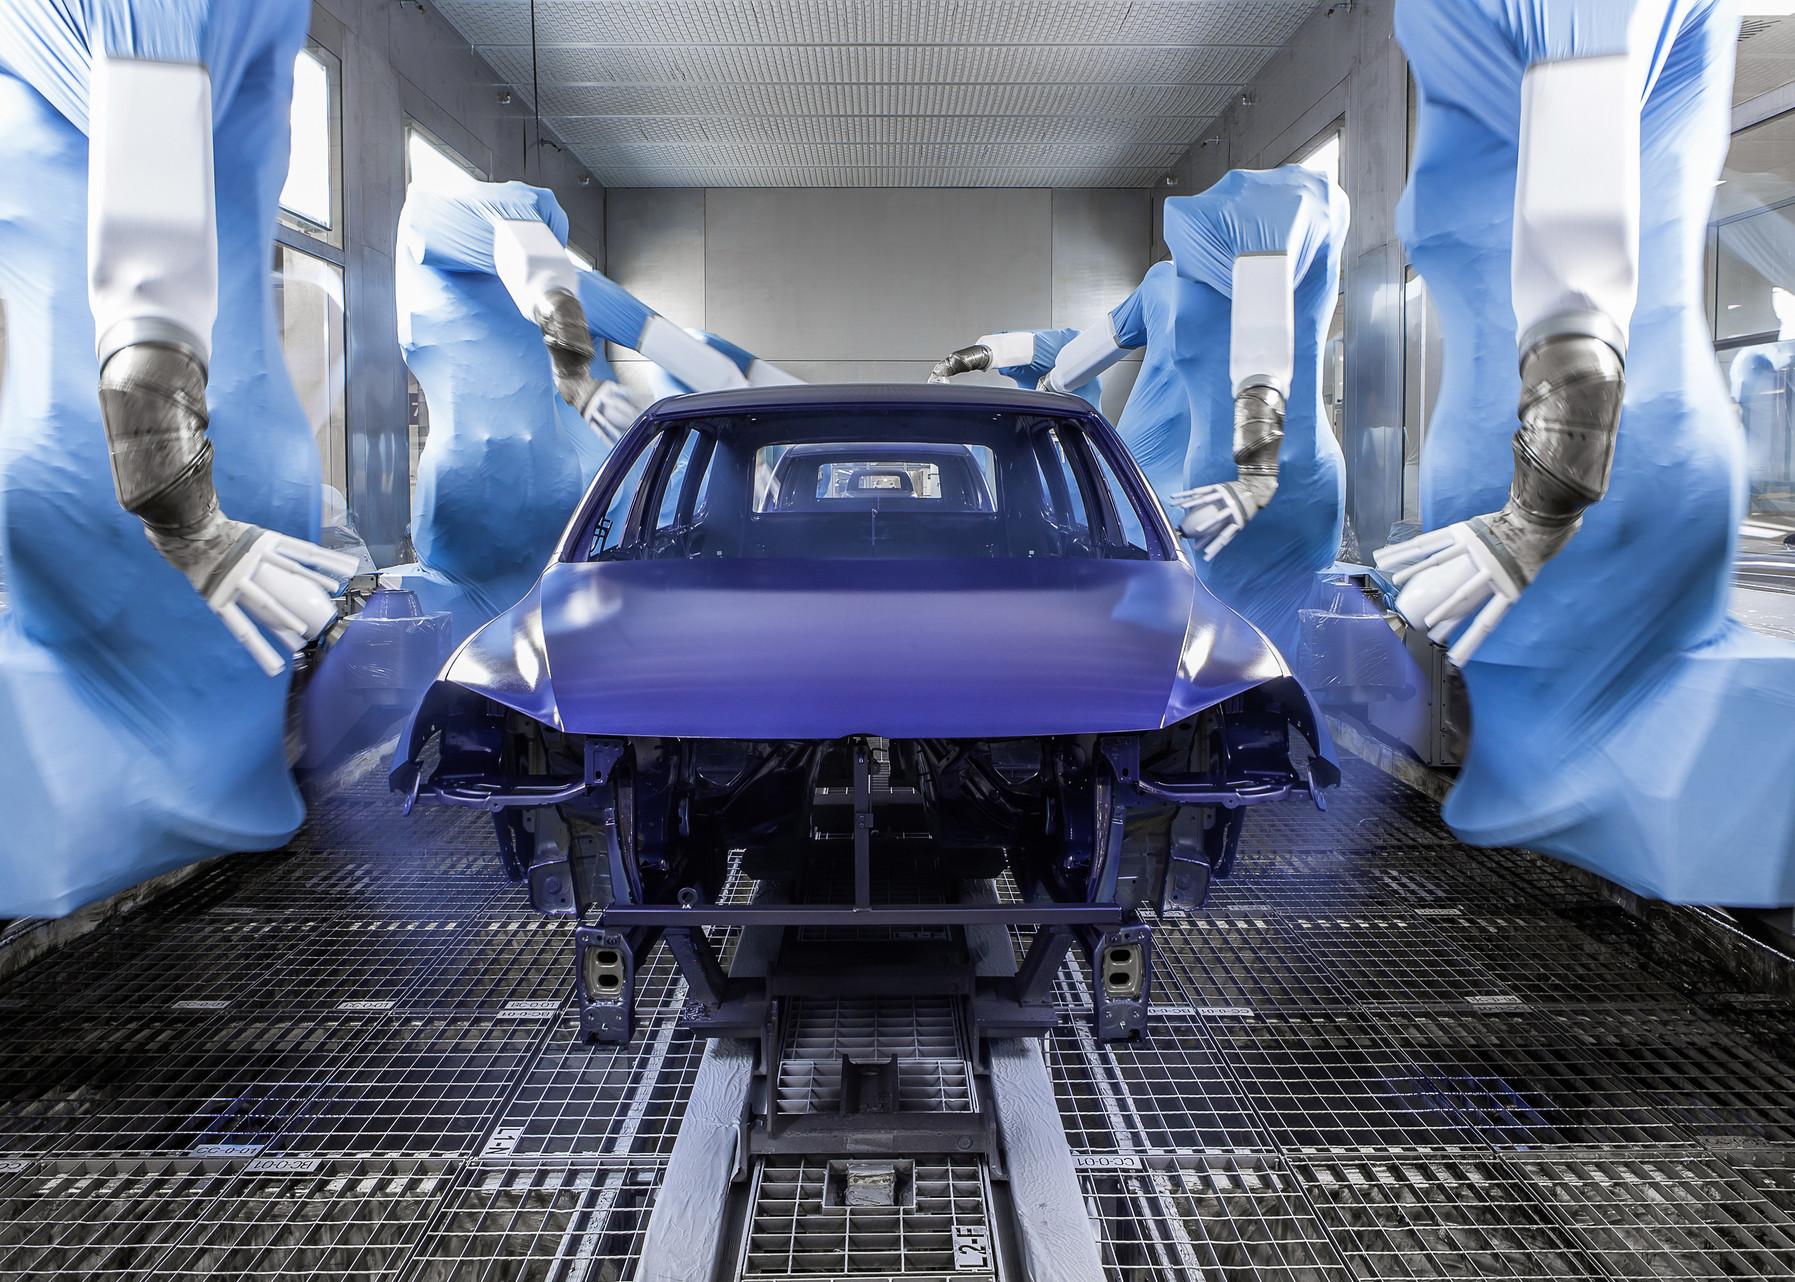 Predaj áut v Európe padol o 74 %, tieto automobilky zasiahol najviac